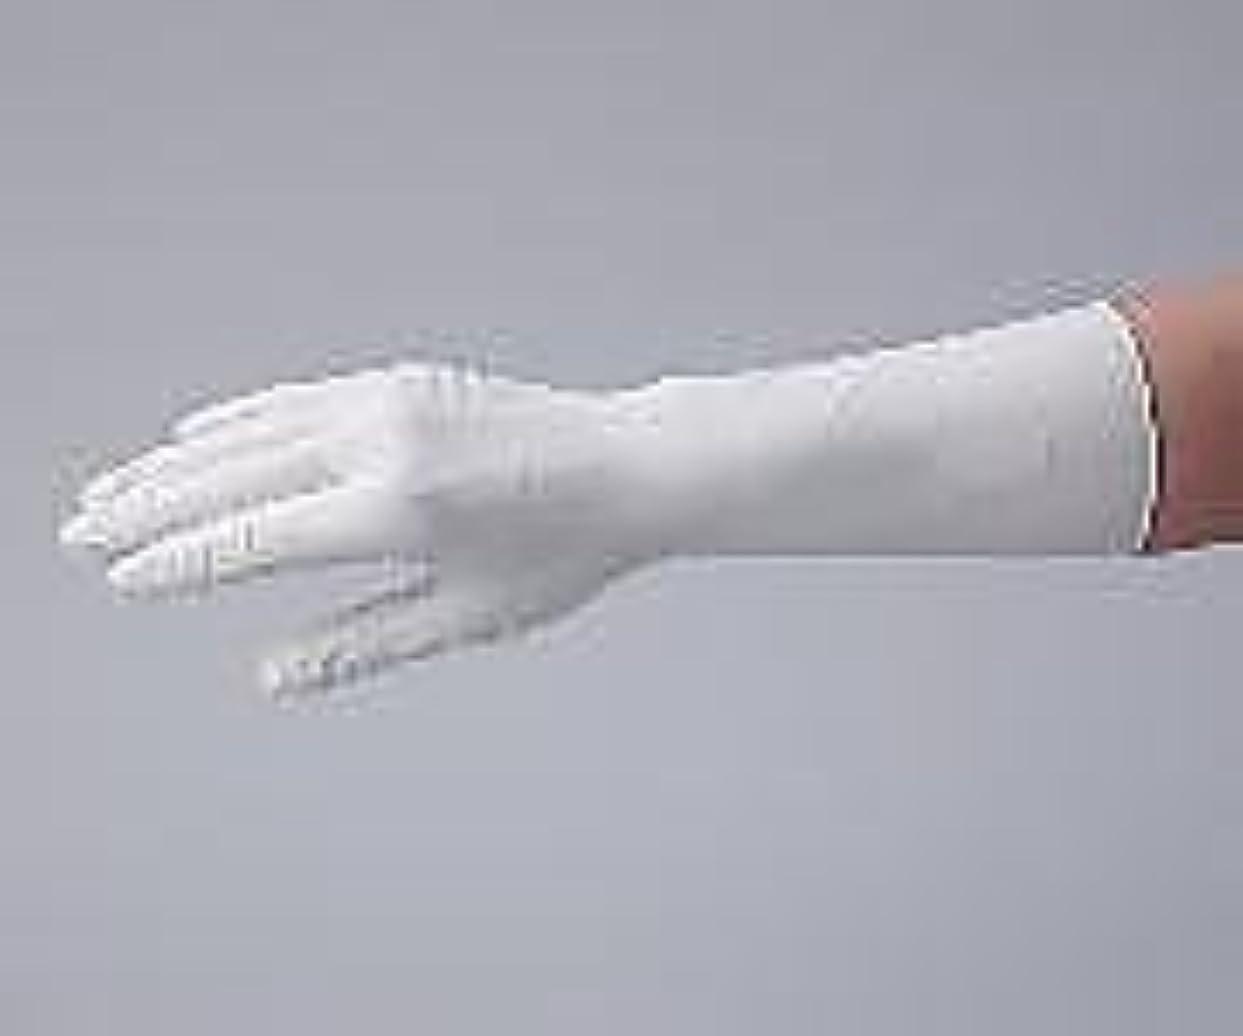 解明フィットネス精査するアズピュア(アズワン)1-2324-53アズピュアクリーンファーストニトリル手袋(ペアタイプ)クリーンパックM左右各50枚×10袋入